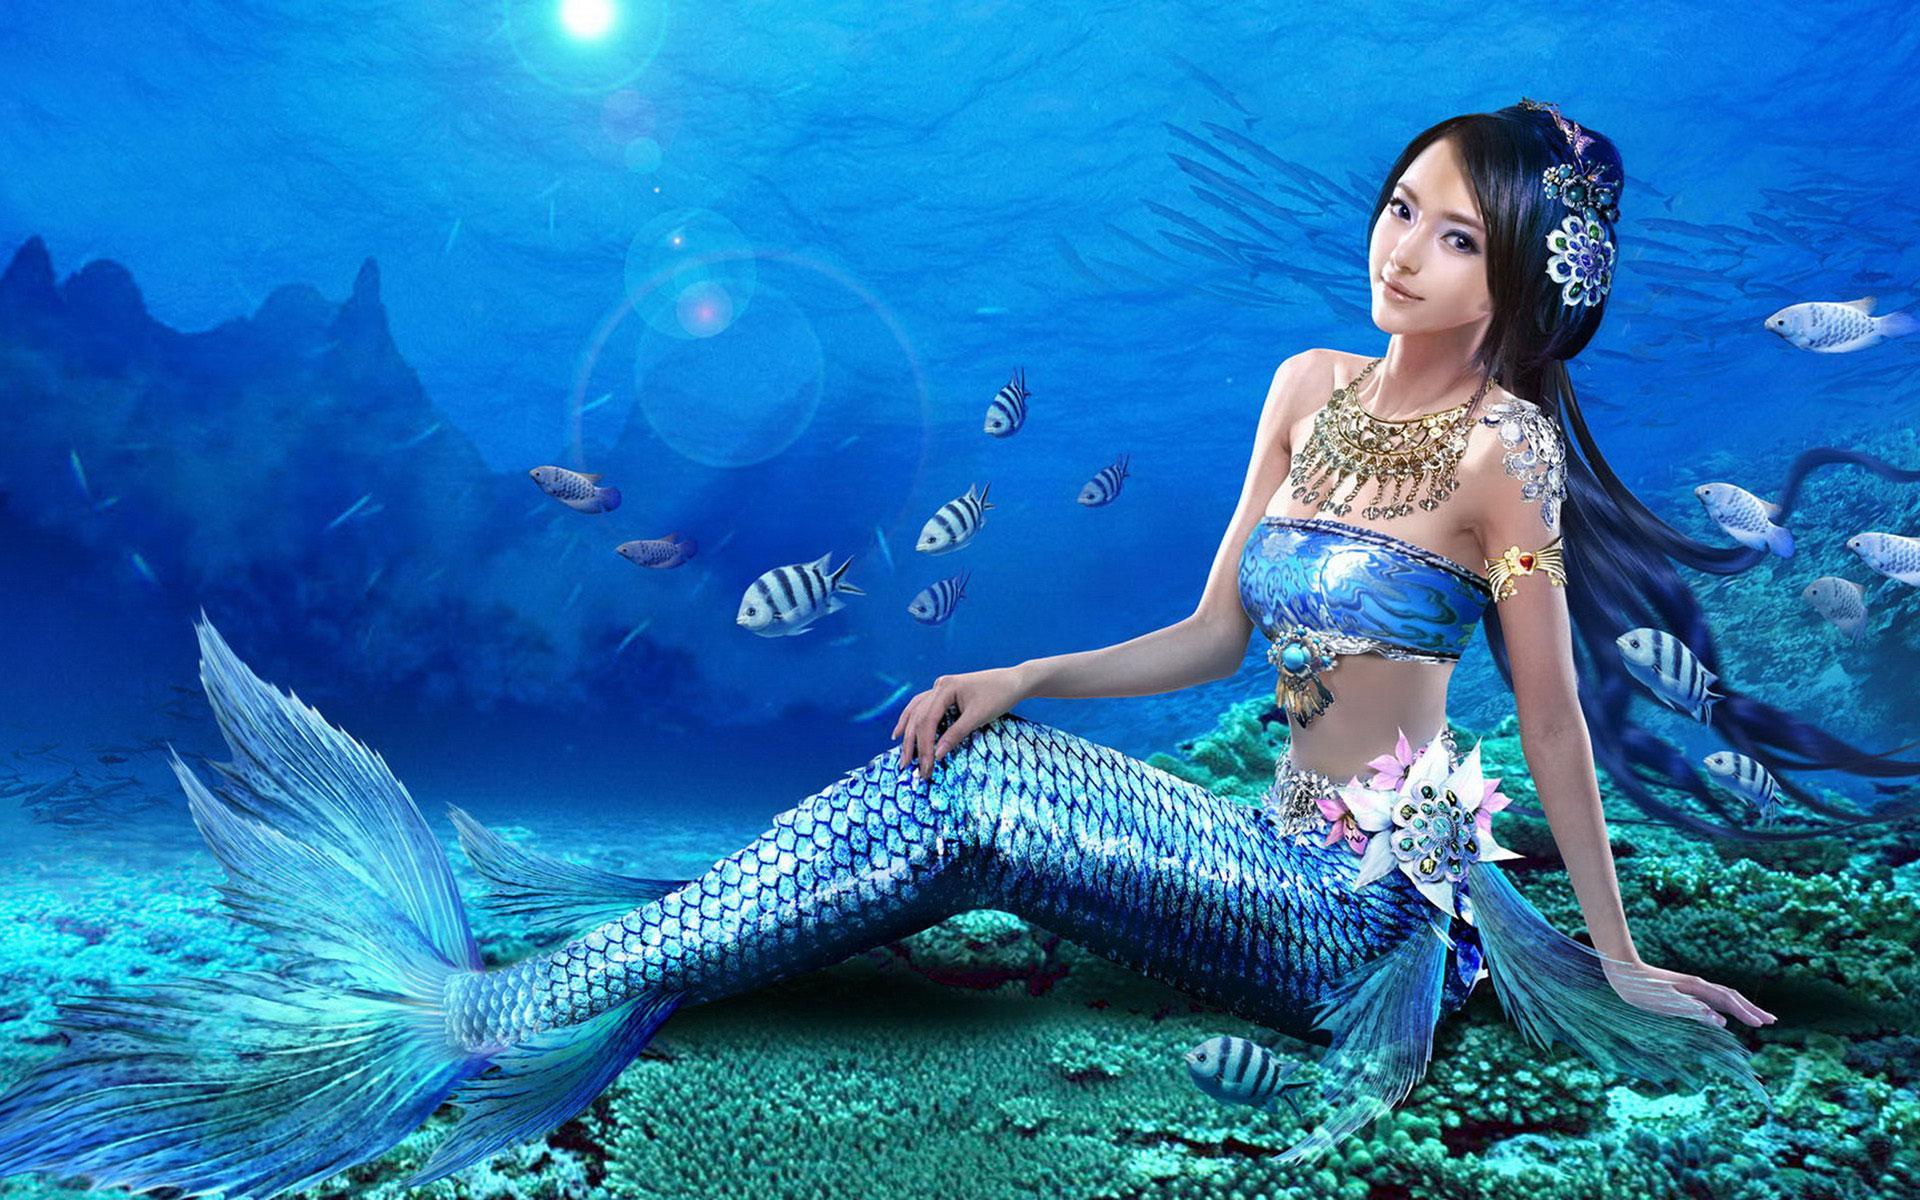 Картинки русалок и подводного мира